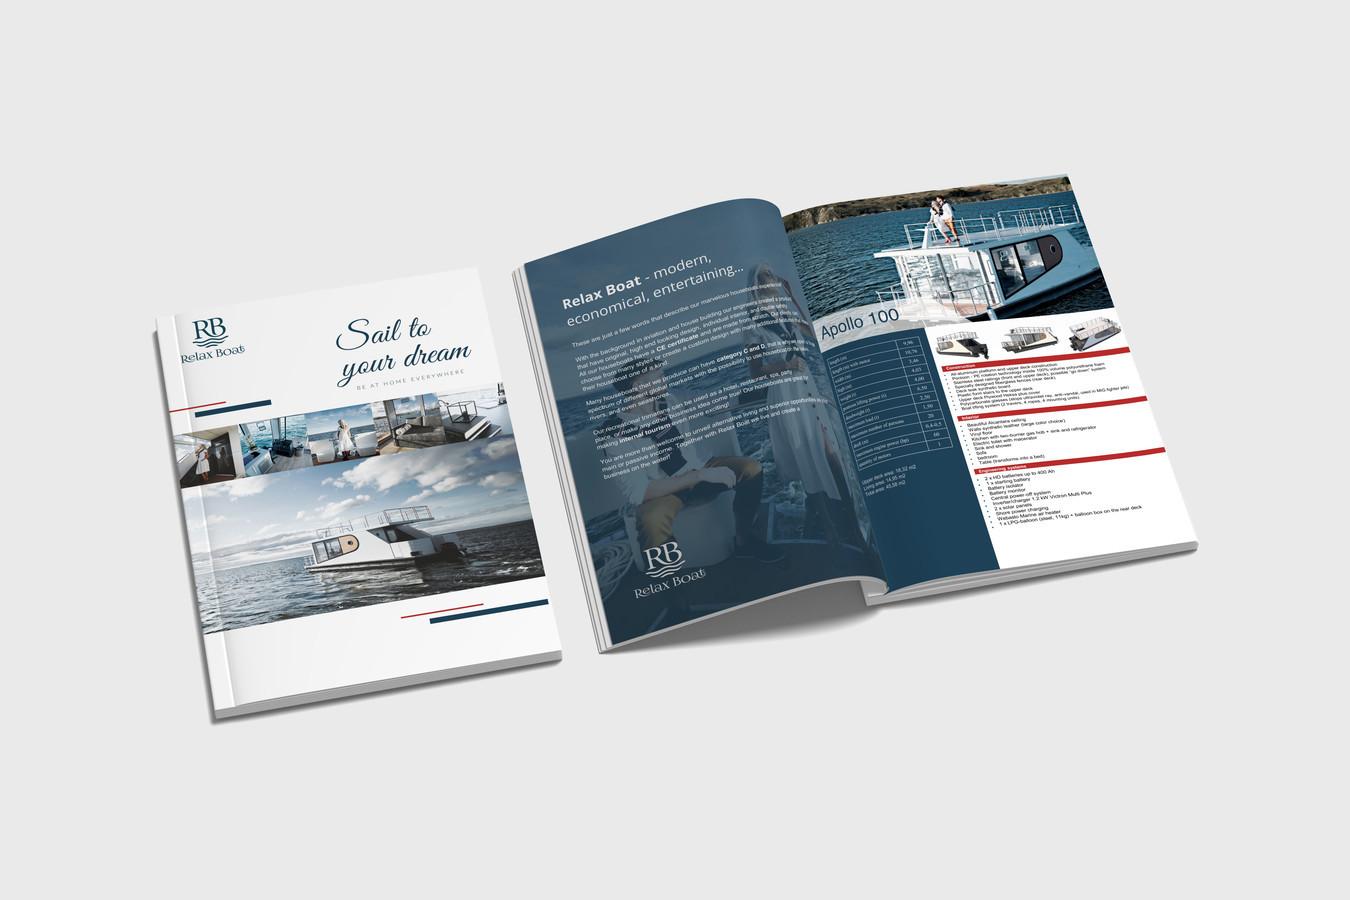 Katalogas, - Relax Boats, įmonė vysto prekybą laivais. Kataloge pateiksti visi aprašymai, prekių nuotraukos, medžiaga suruošta naujam pirkėjui